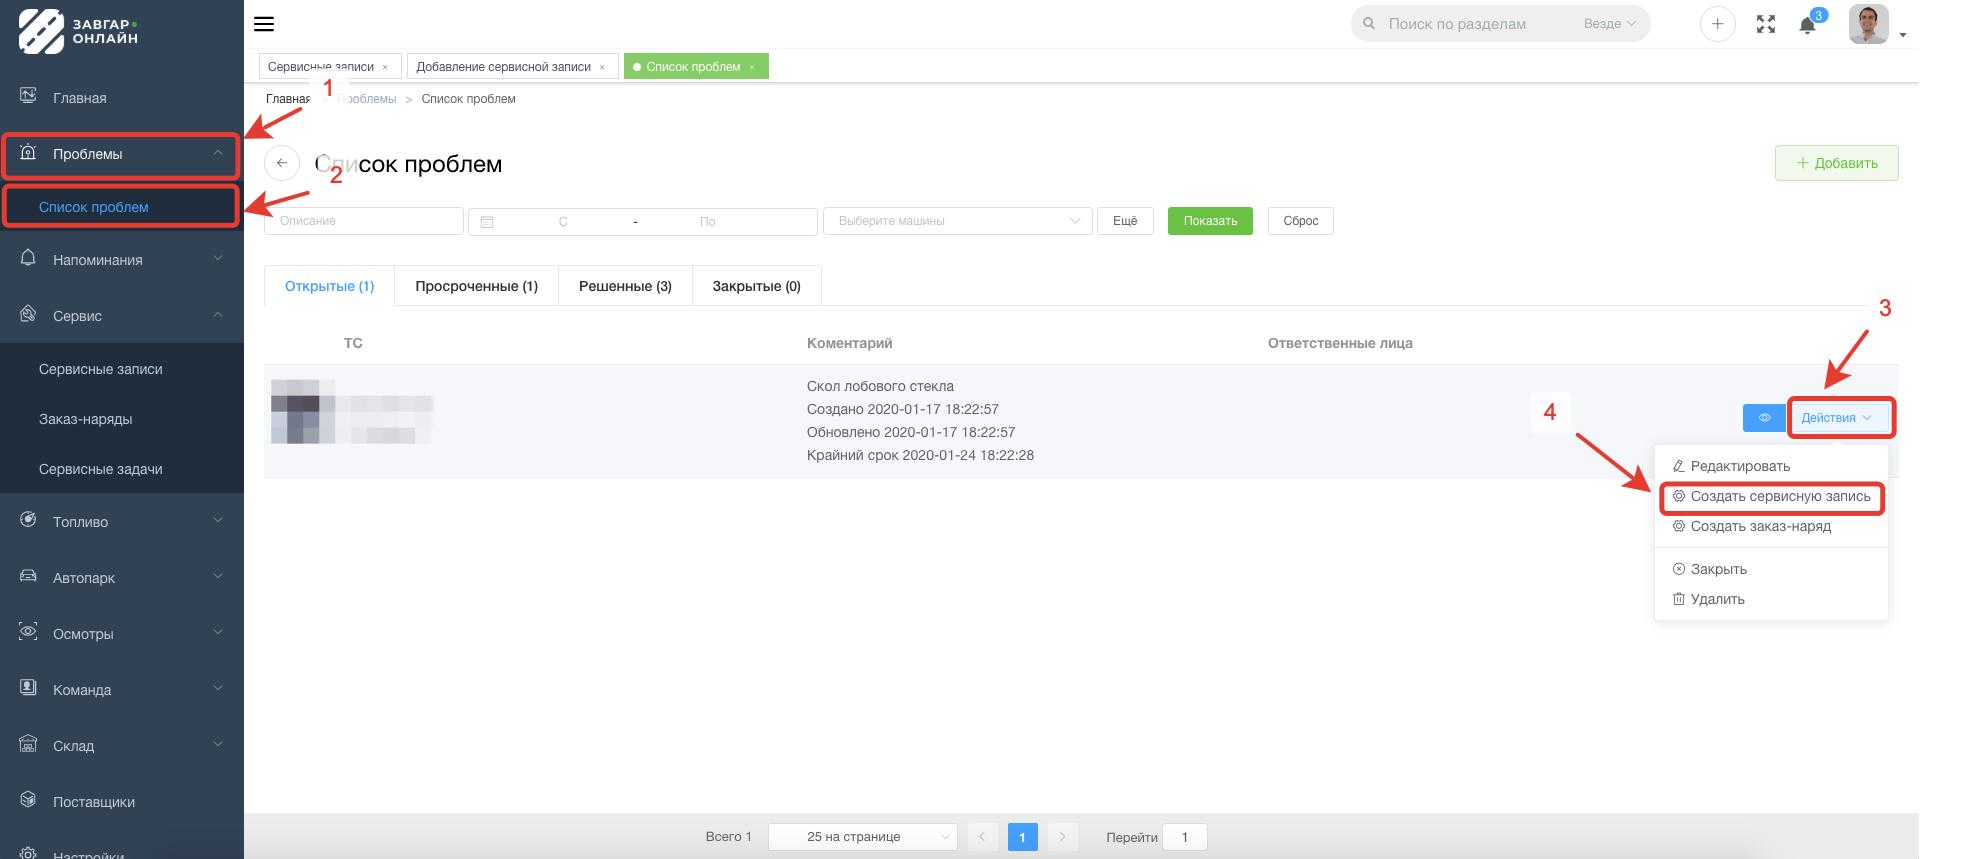 Создание сервисной записи  из проблемы в системы Завгар Онлайн